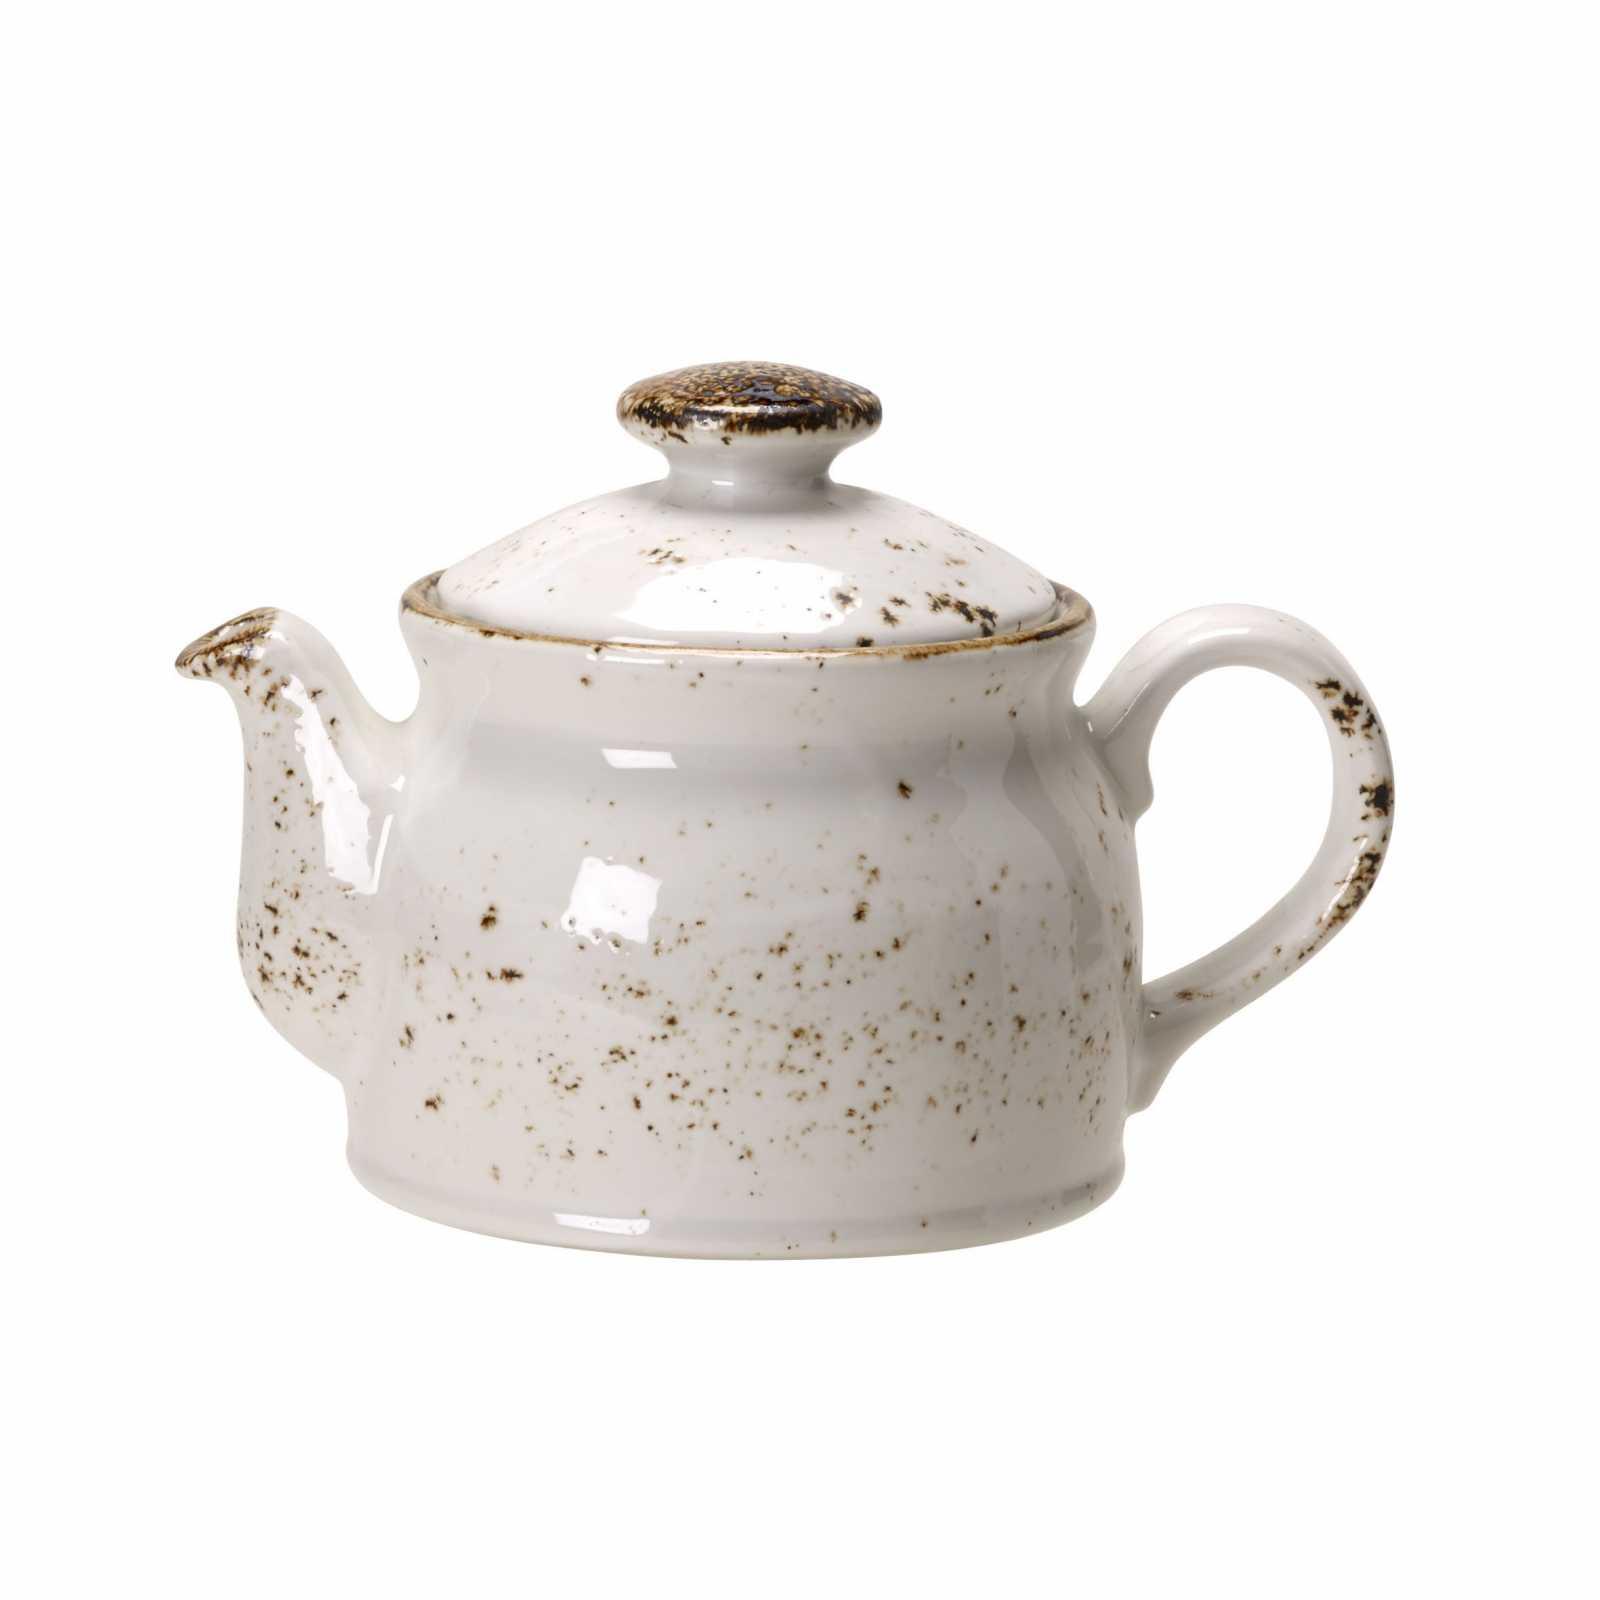 Онлайн каталог PROMENU: Чайник с крышкой Steelite CRAFT WHITE, объем 0,425 л, белый Steelite 11550367